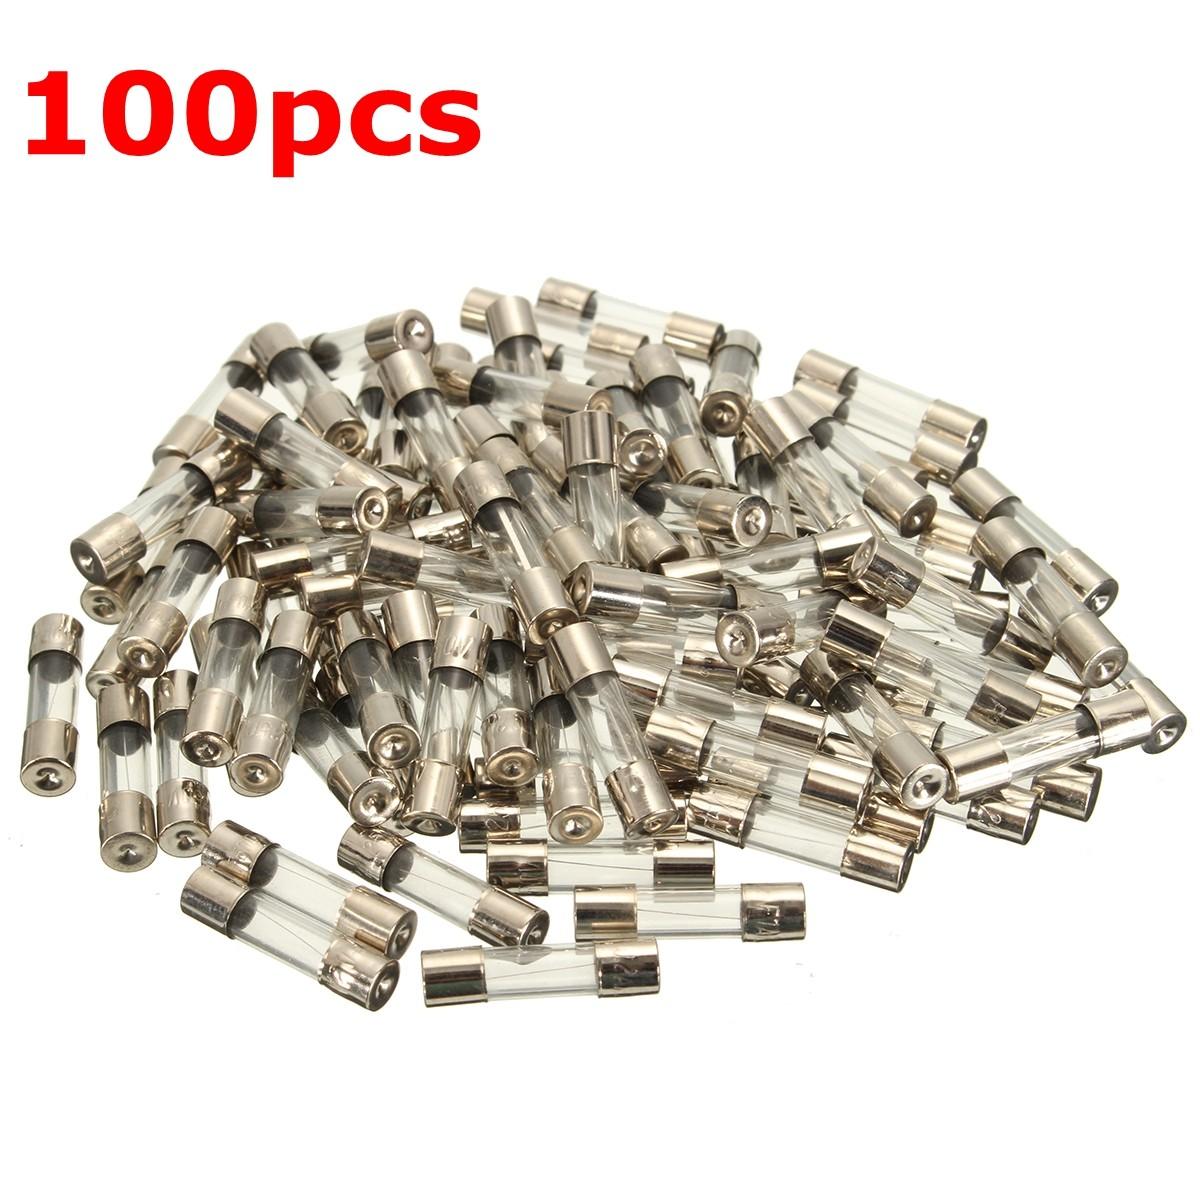 100Pcs 5x20mm 0.2A-20A Quick Blow Glass Tube Fuse Assor